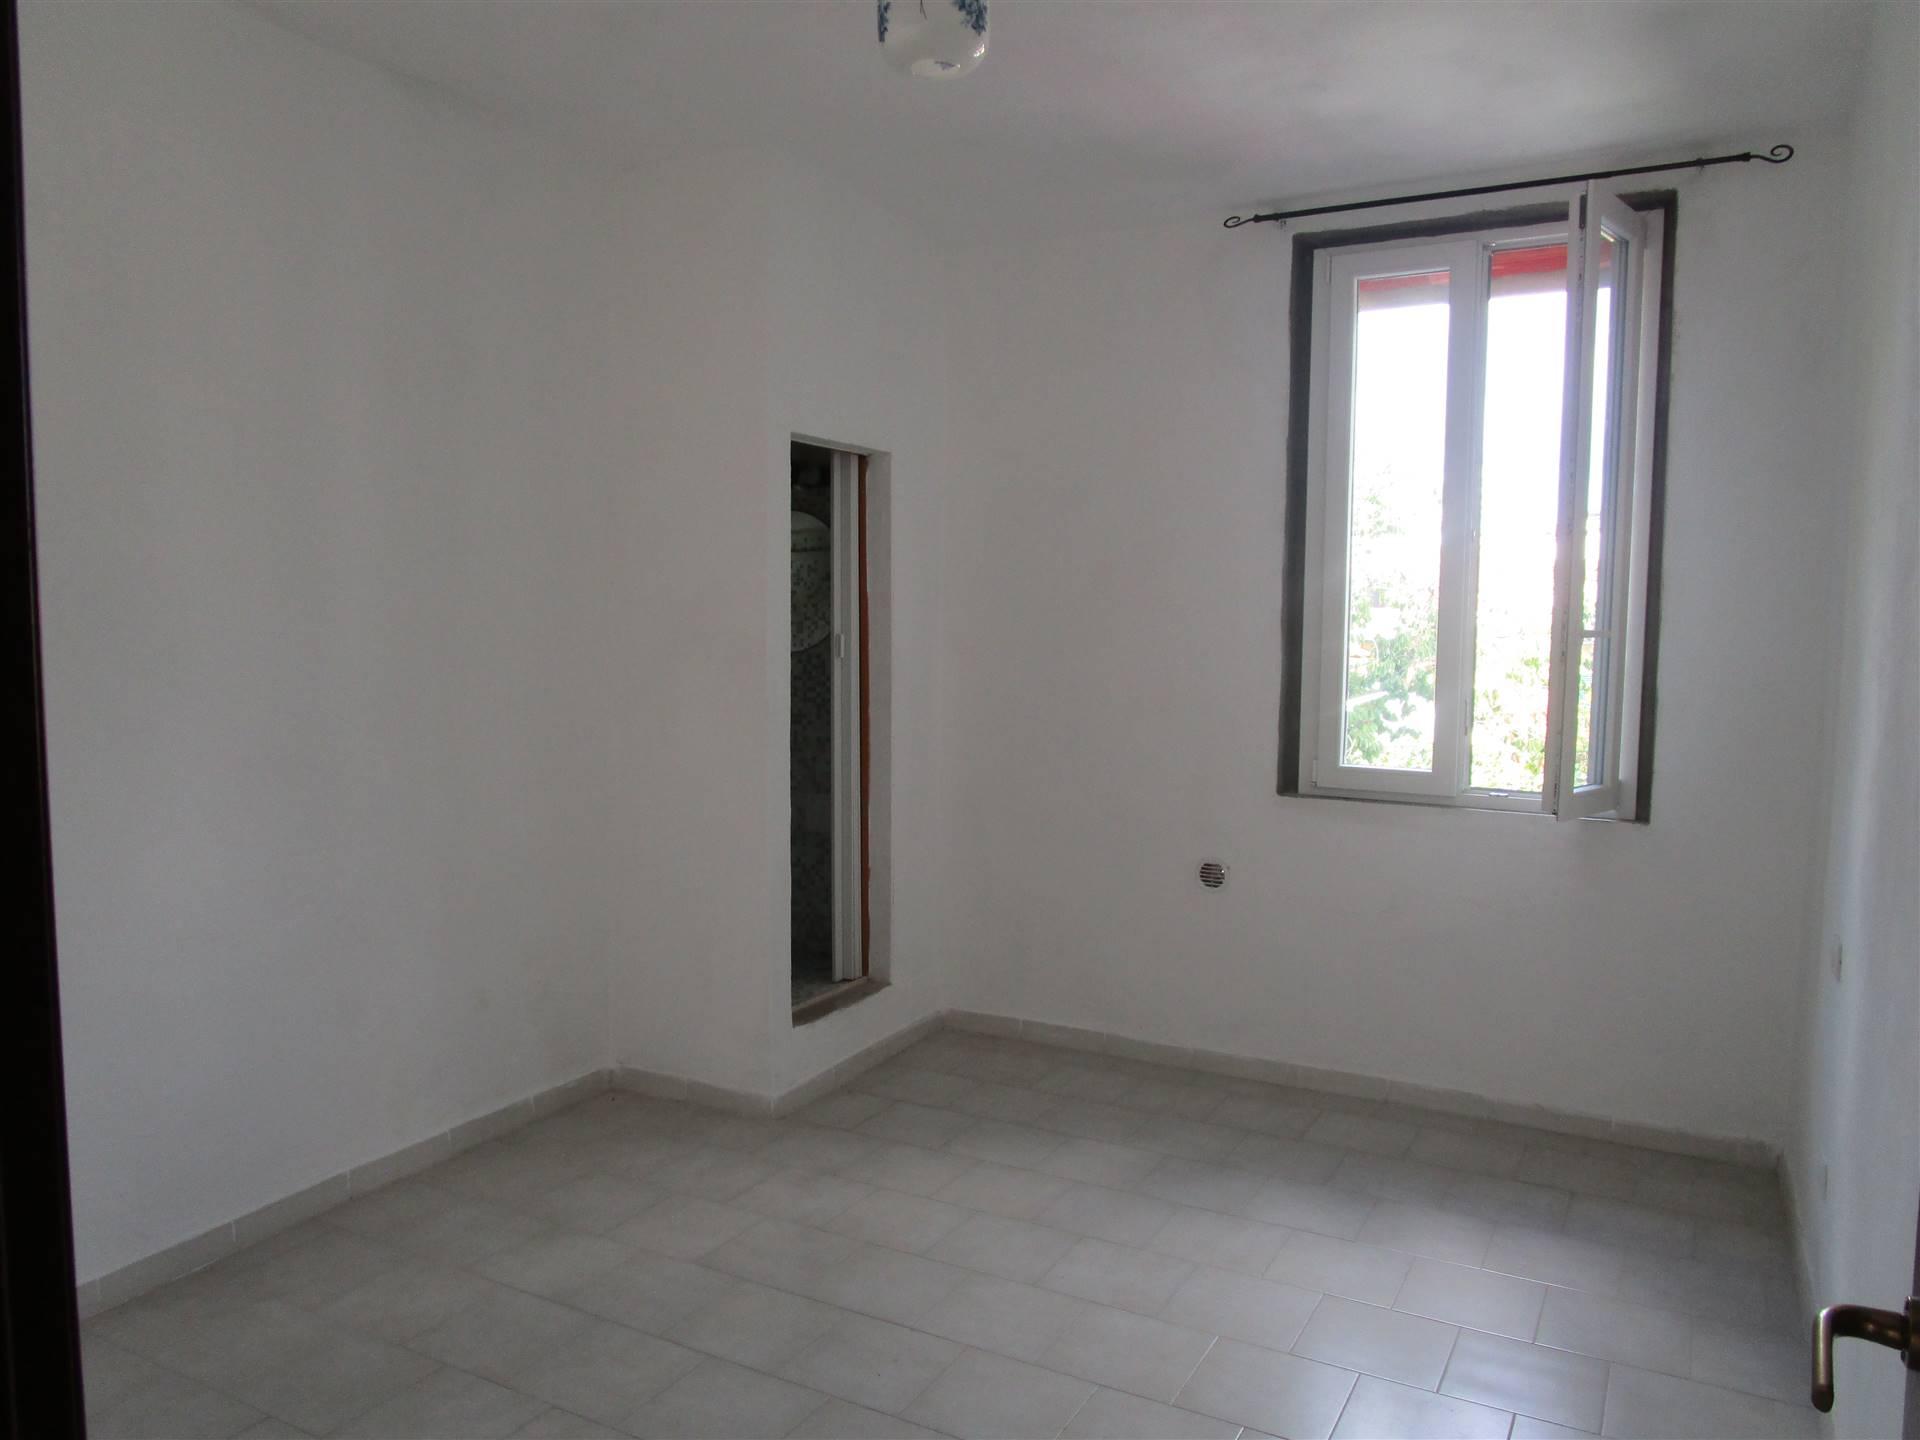 Appartamento in Vendita a Campi bisenzio zona San lorenzo - immagine 4